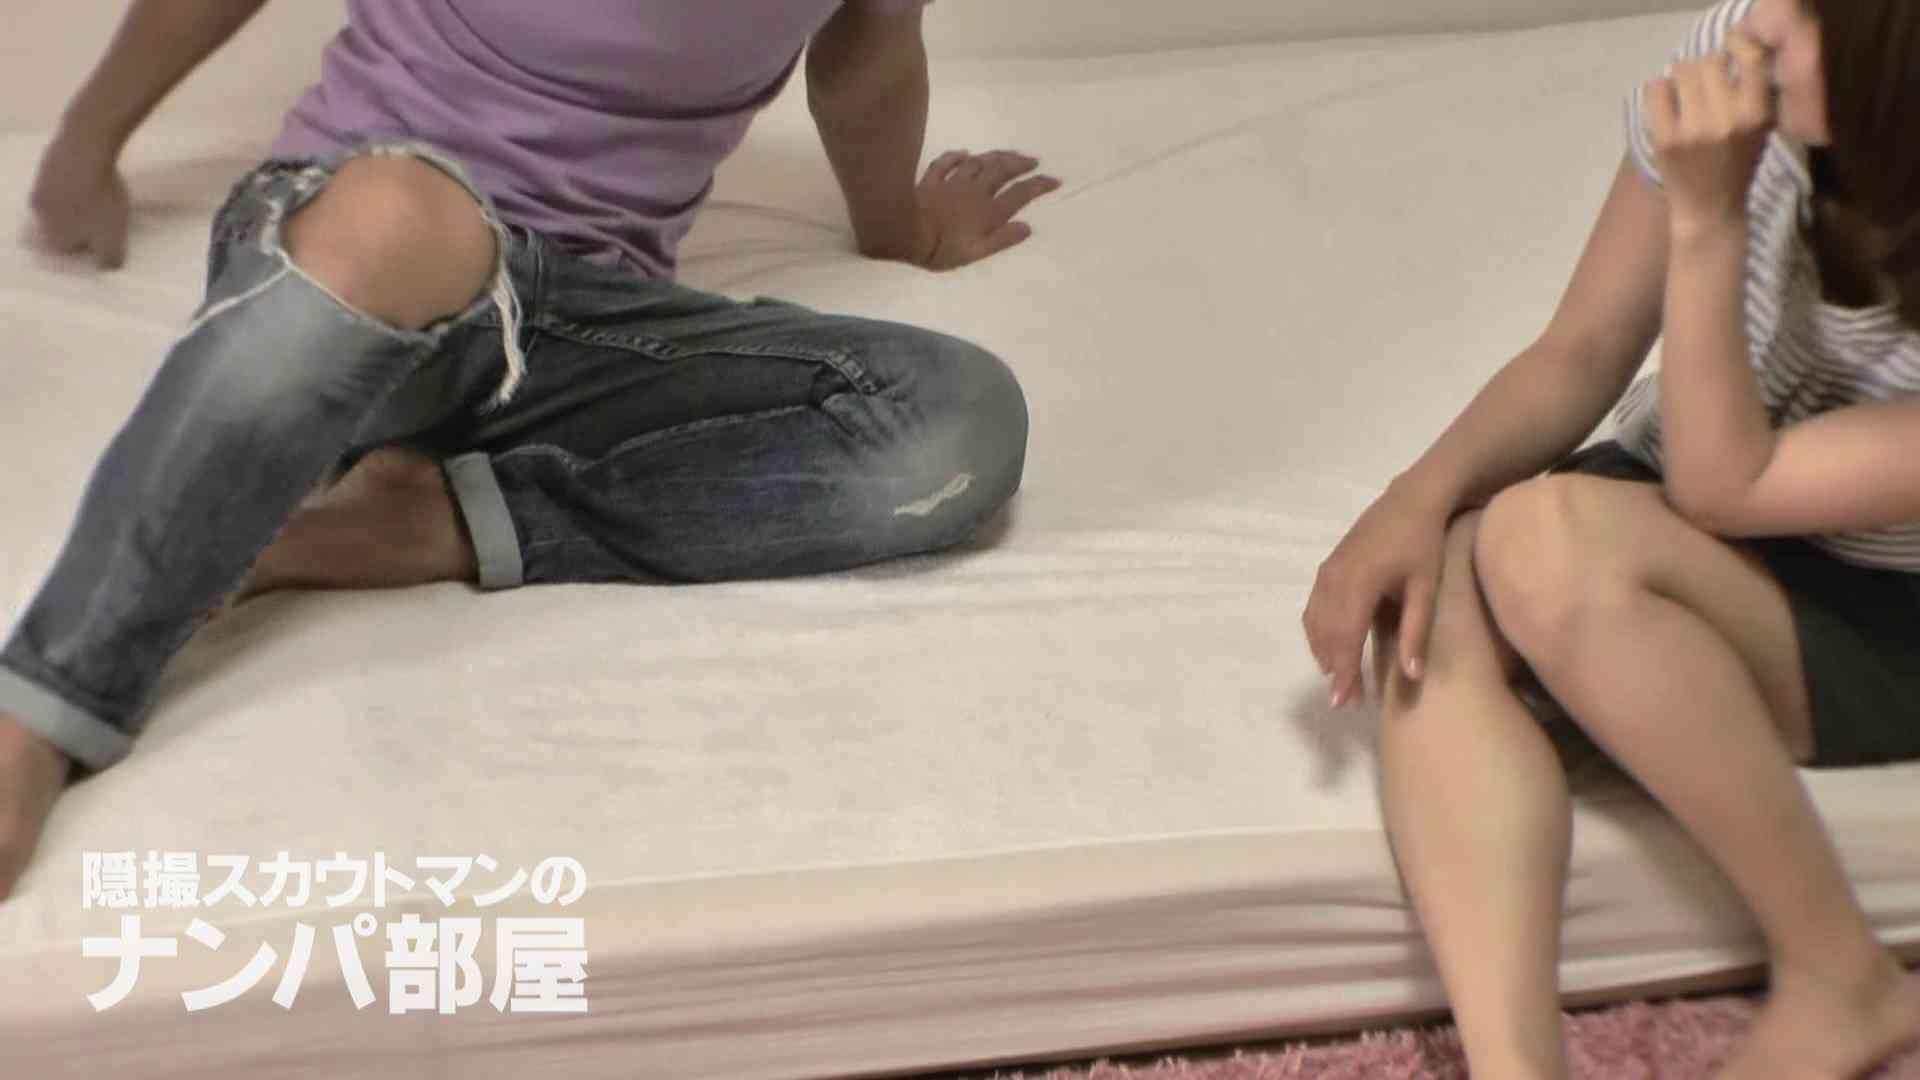 隠撮スカウトマンのナンパ部屋~風俗デビュー前のつまみ食い~ siivol.3 ナンパ  90連発 37